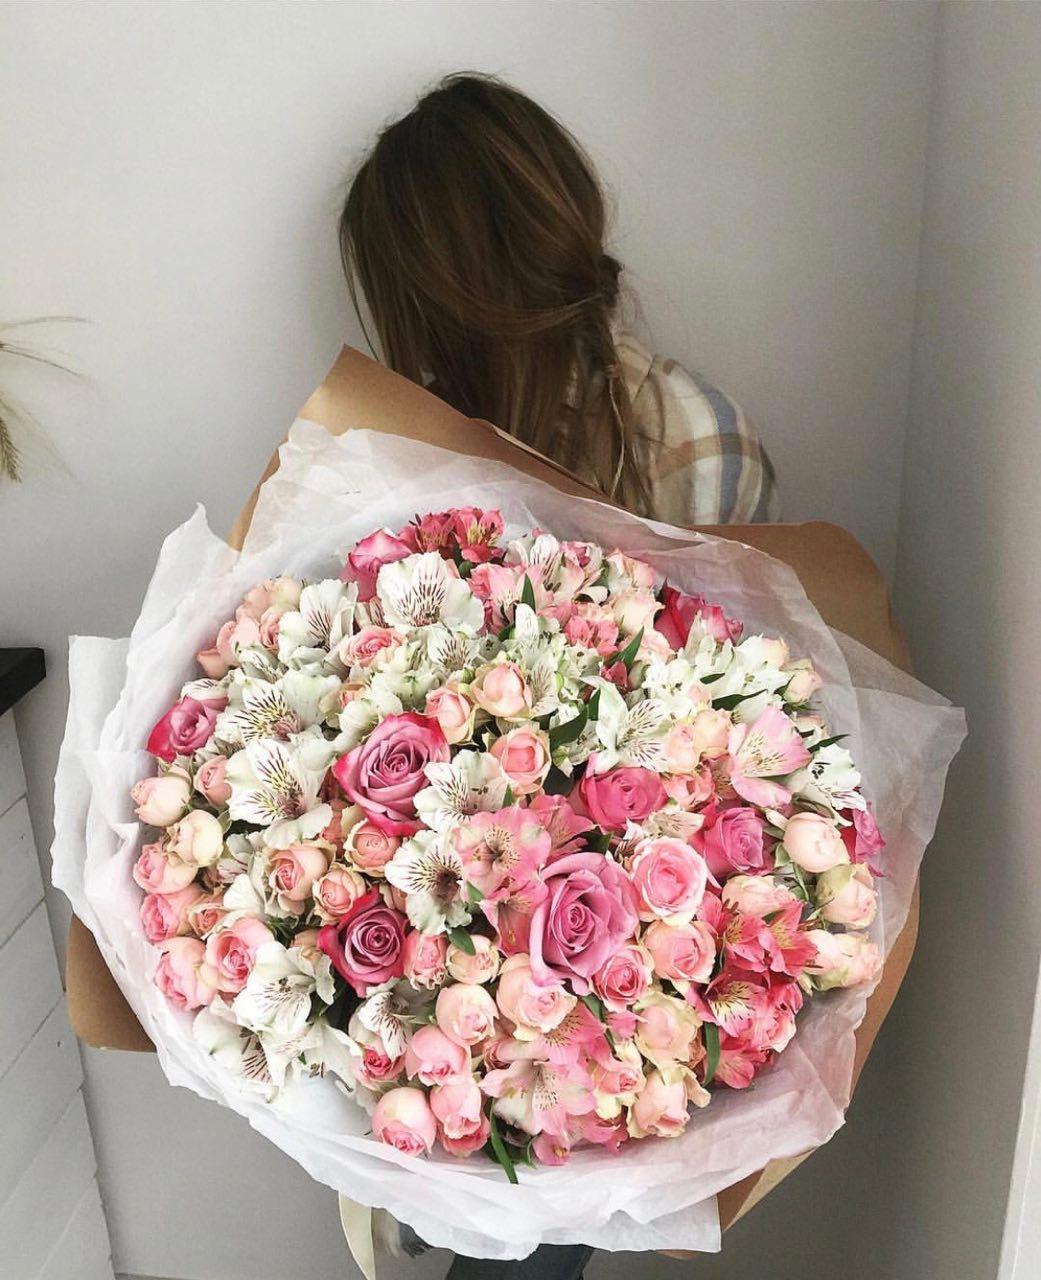 Доставка цветов в алматы круглосуточно недорого, зуево заказ цветов